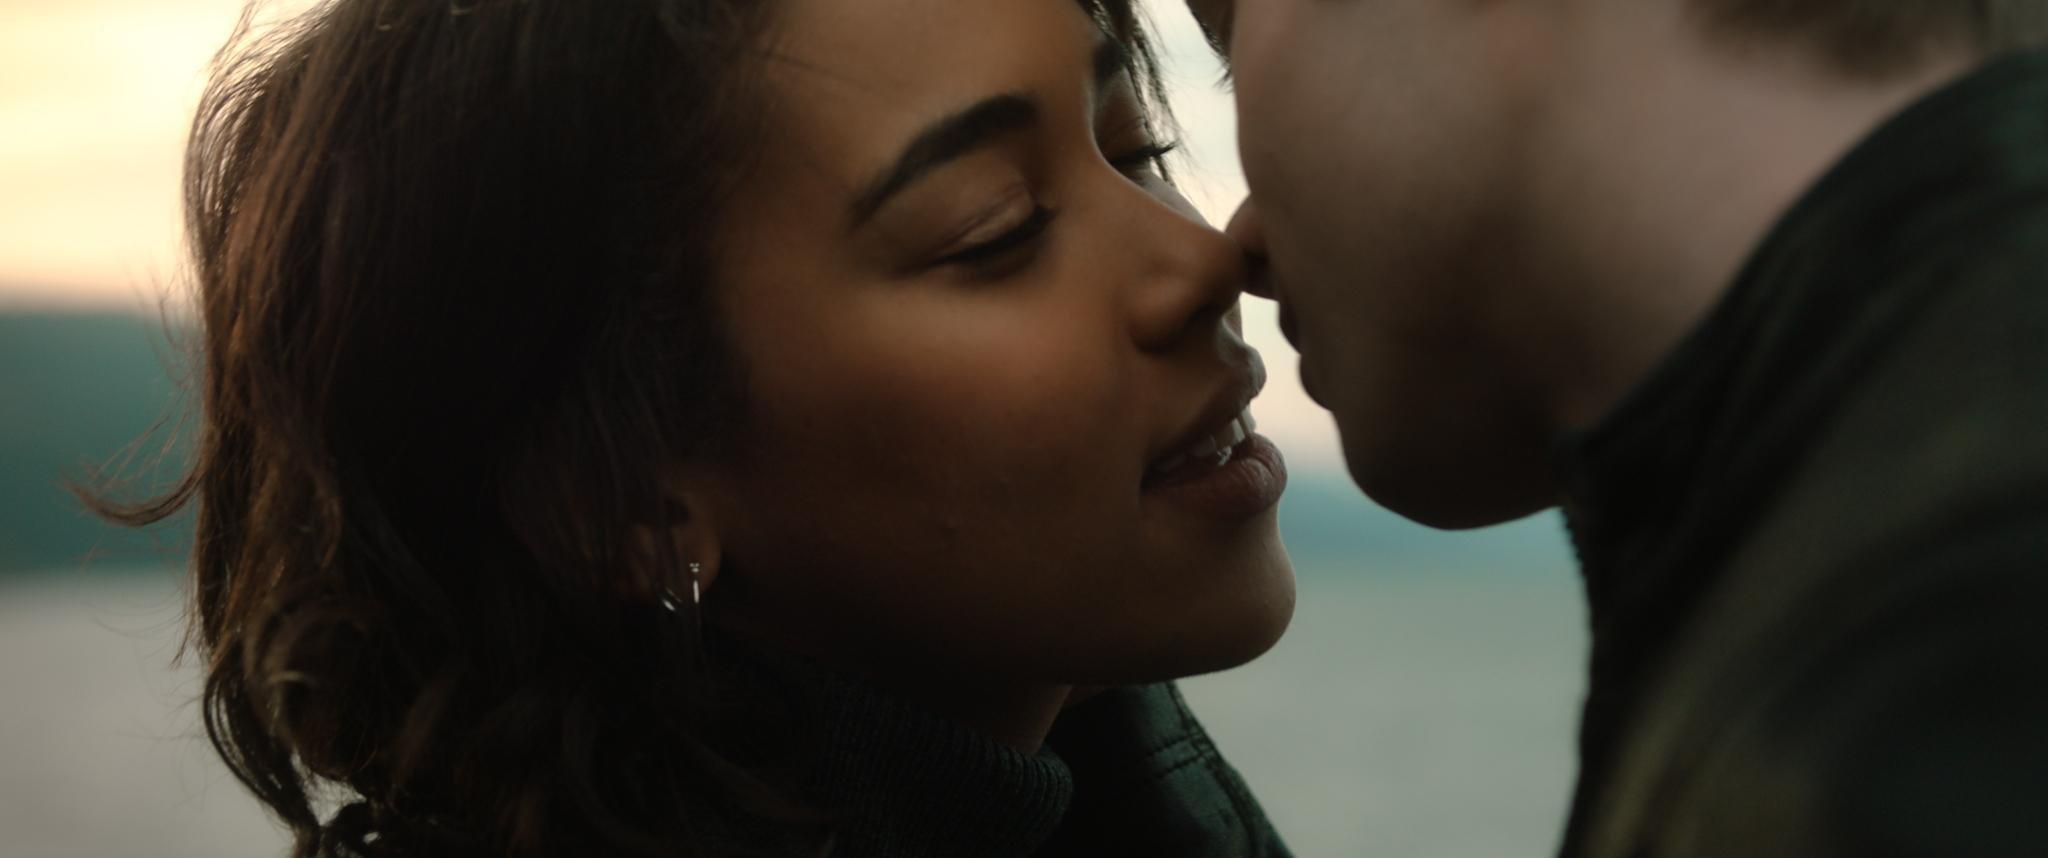 Filmrecensie 'Endless': Alles voelt nep in traag liefdesverhaal